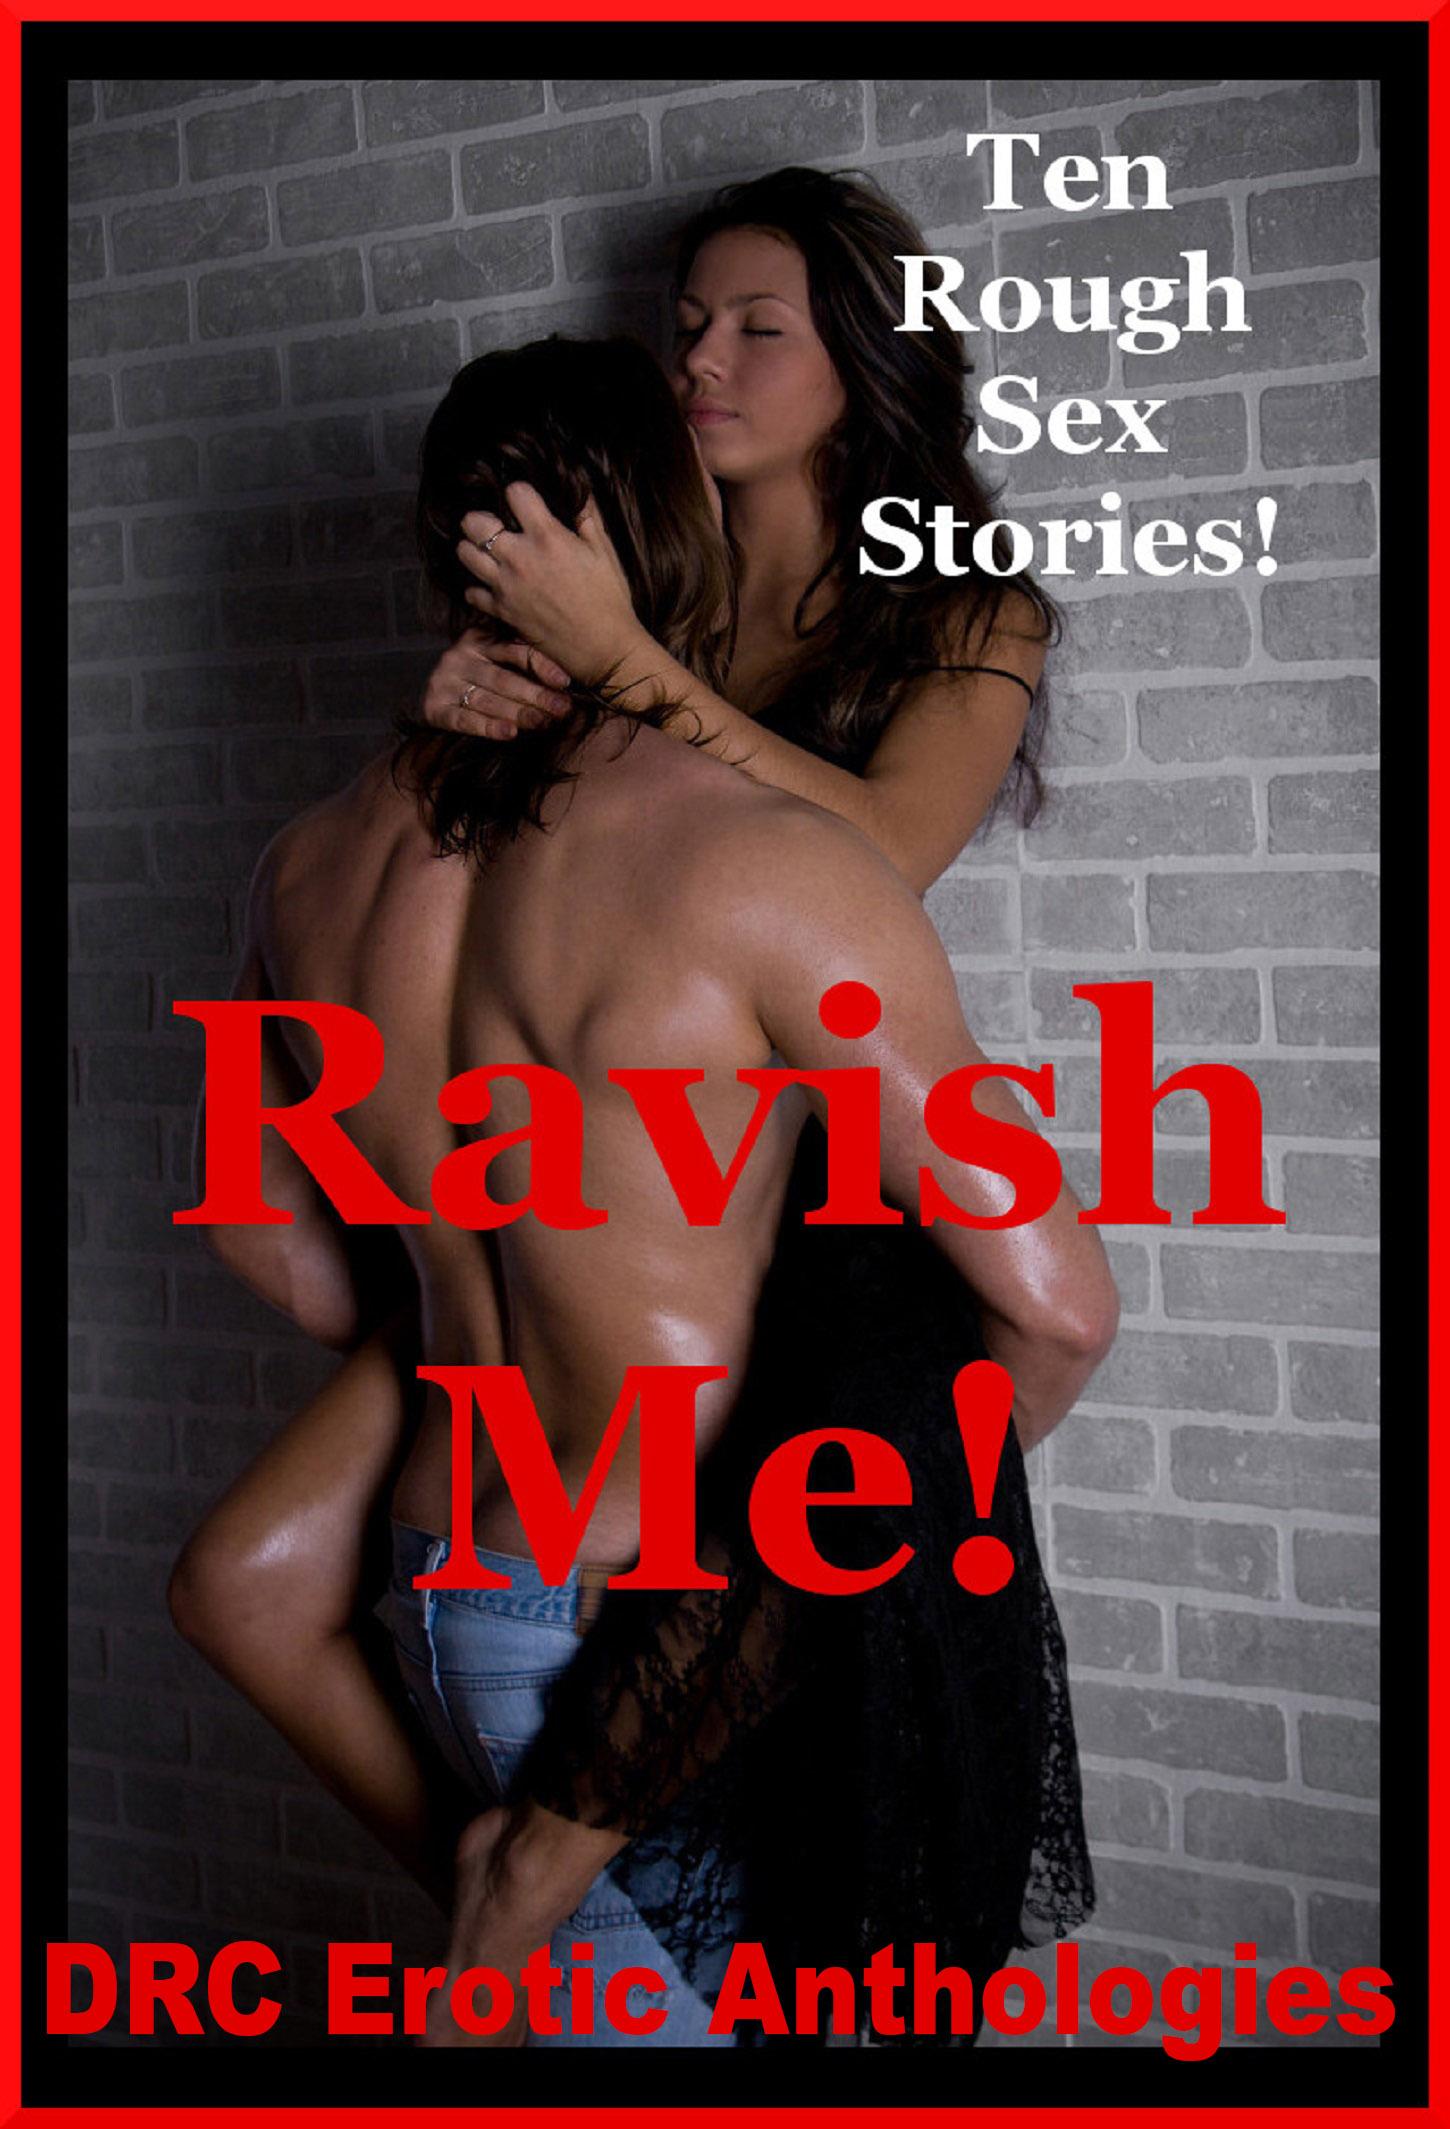 Ravish Me Ten Rough Sex Stories